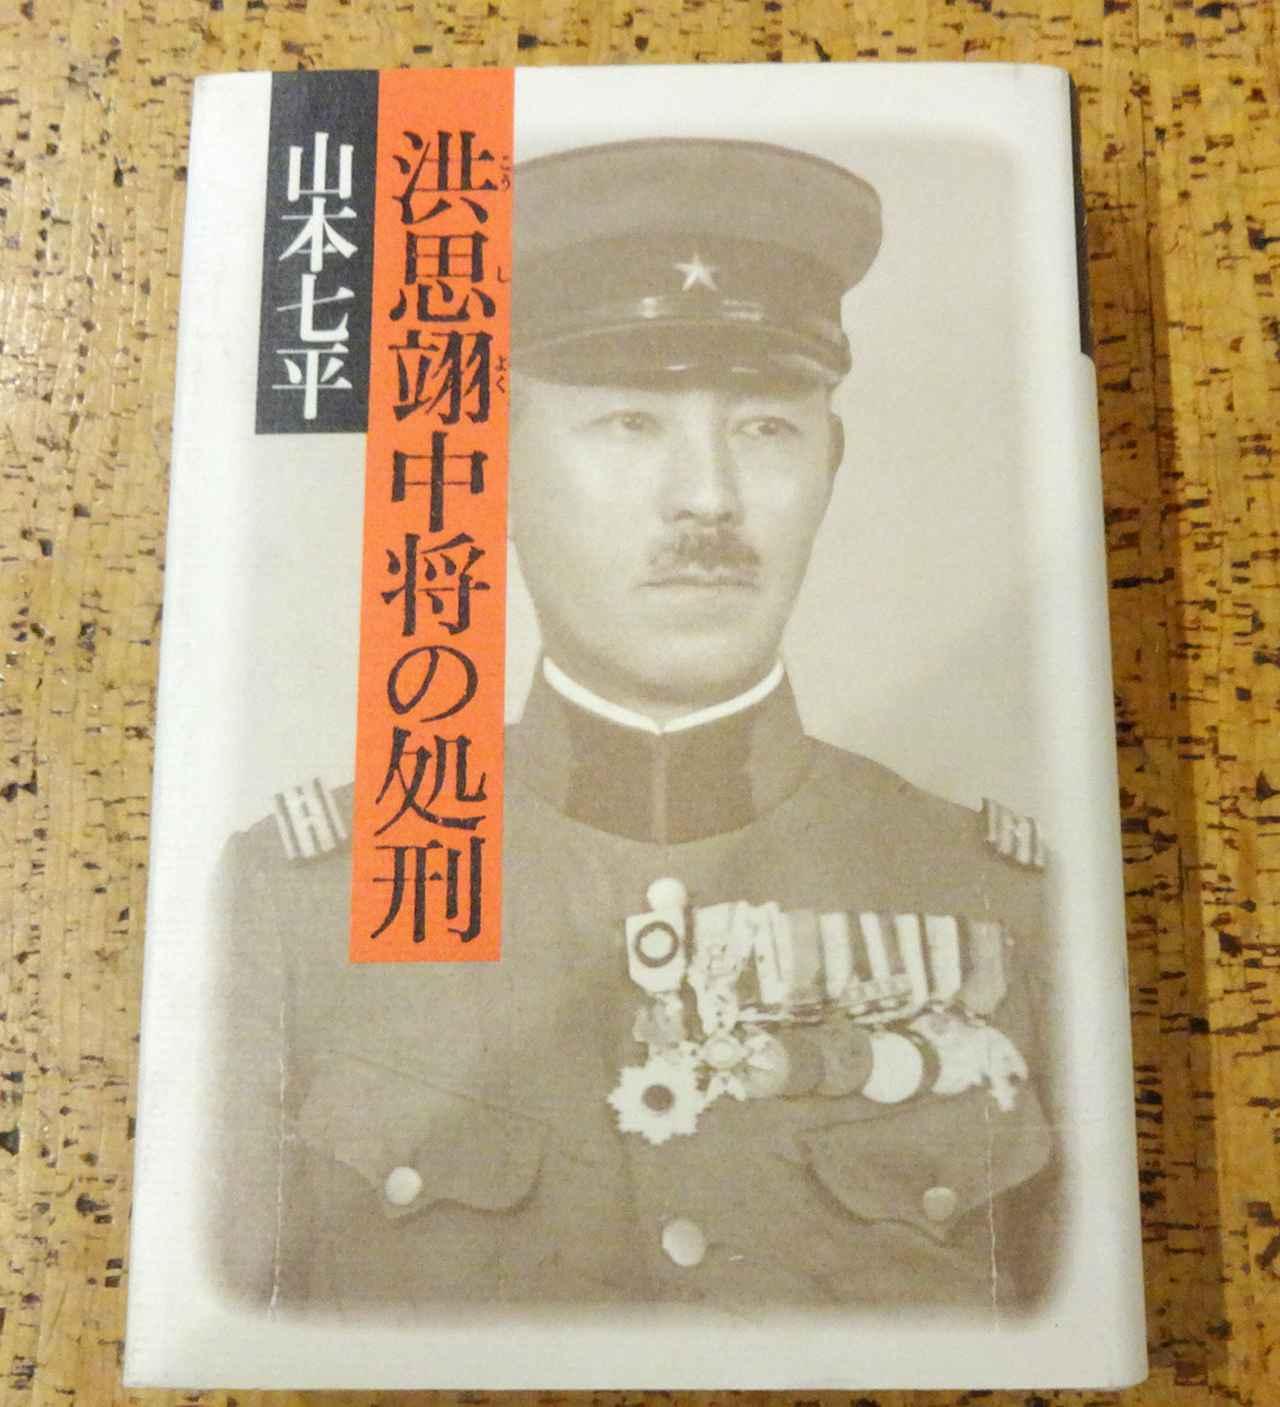 画像2: 永遠の図書室通信 第34話「著者 山本七平」